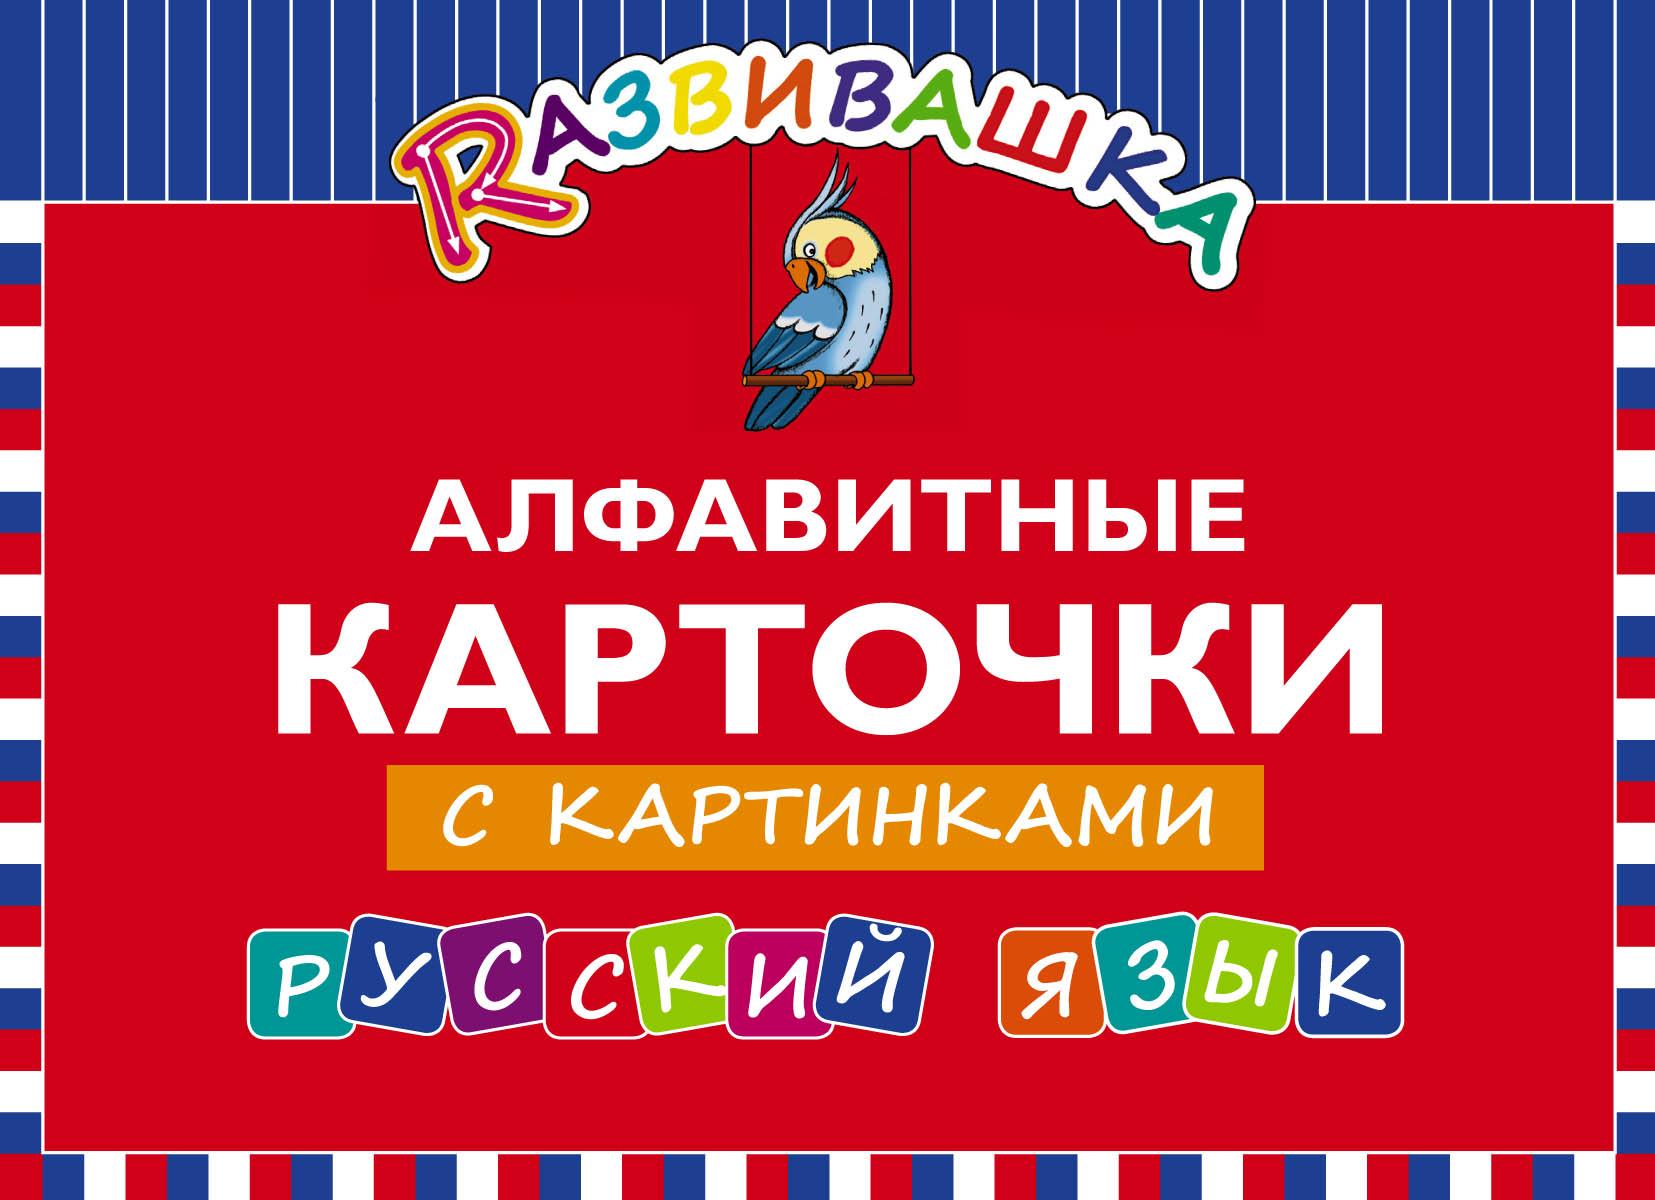 Развивашка. Алфавитные карточки с картинками. Русский язык webmoney карточки в туле